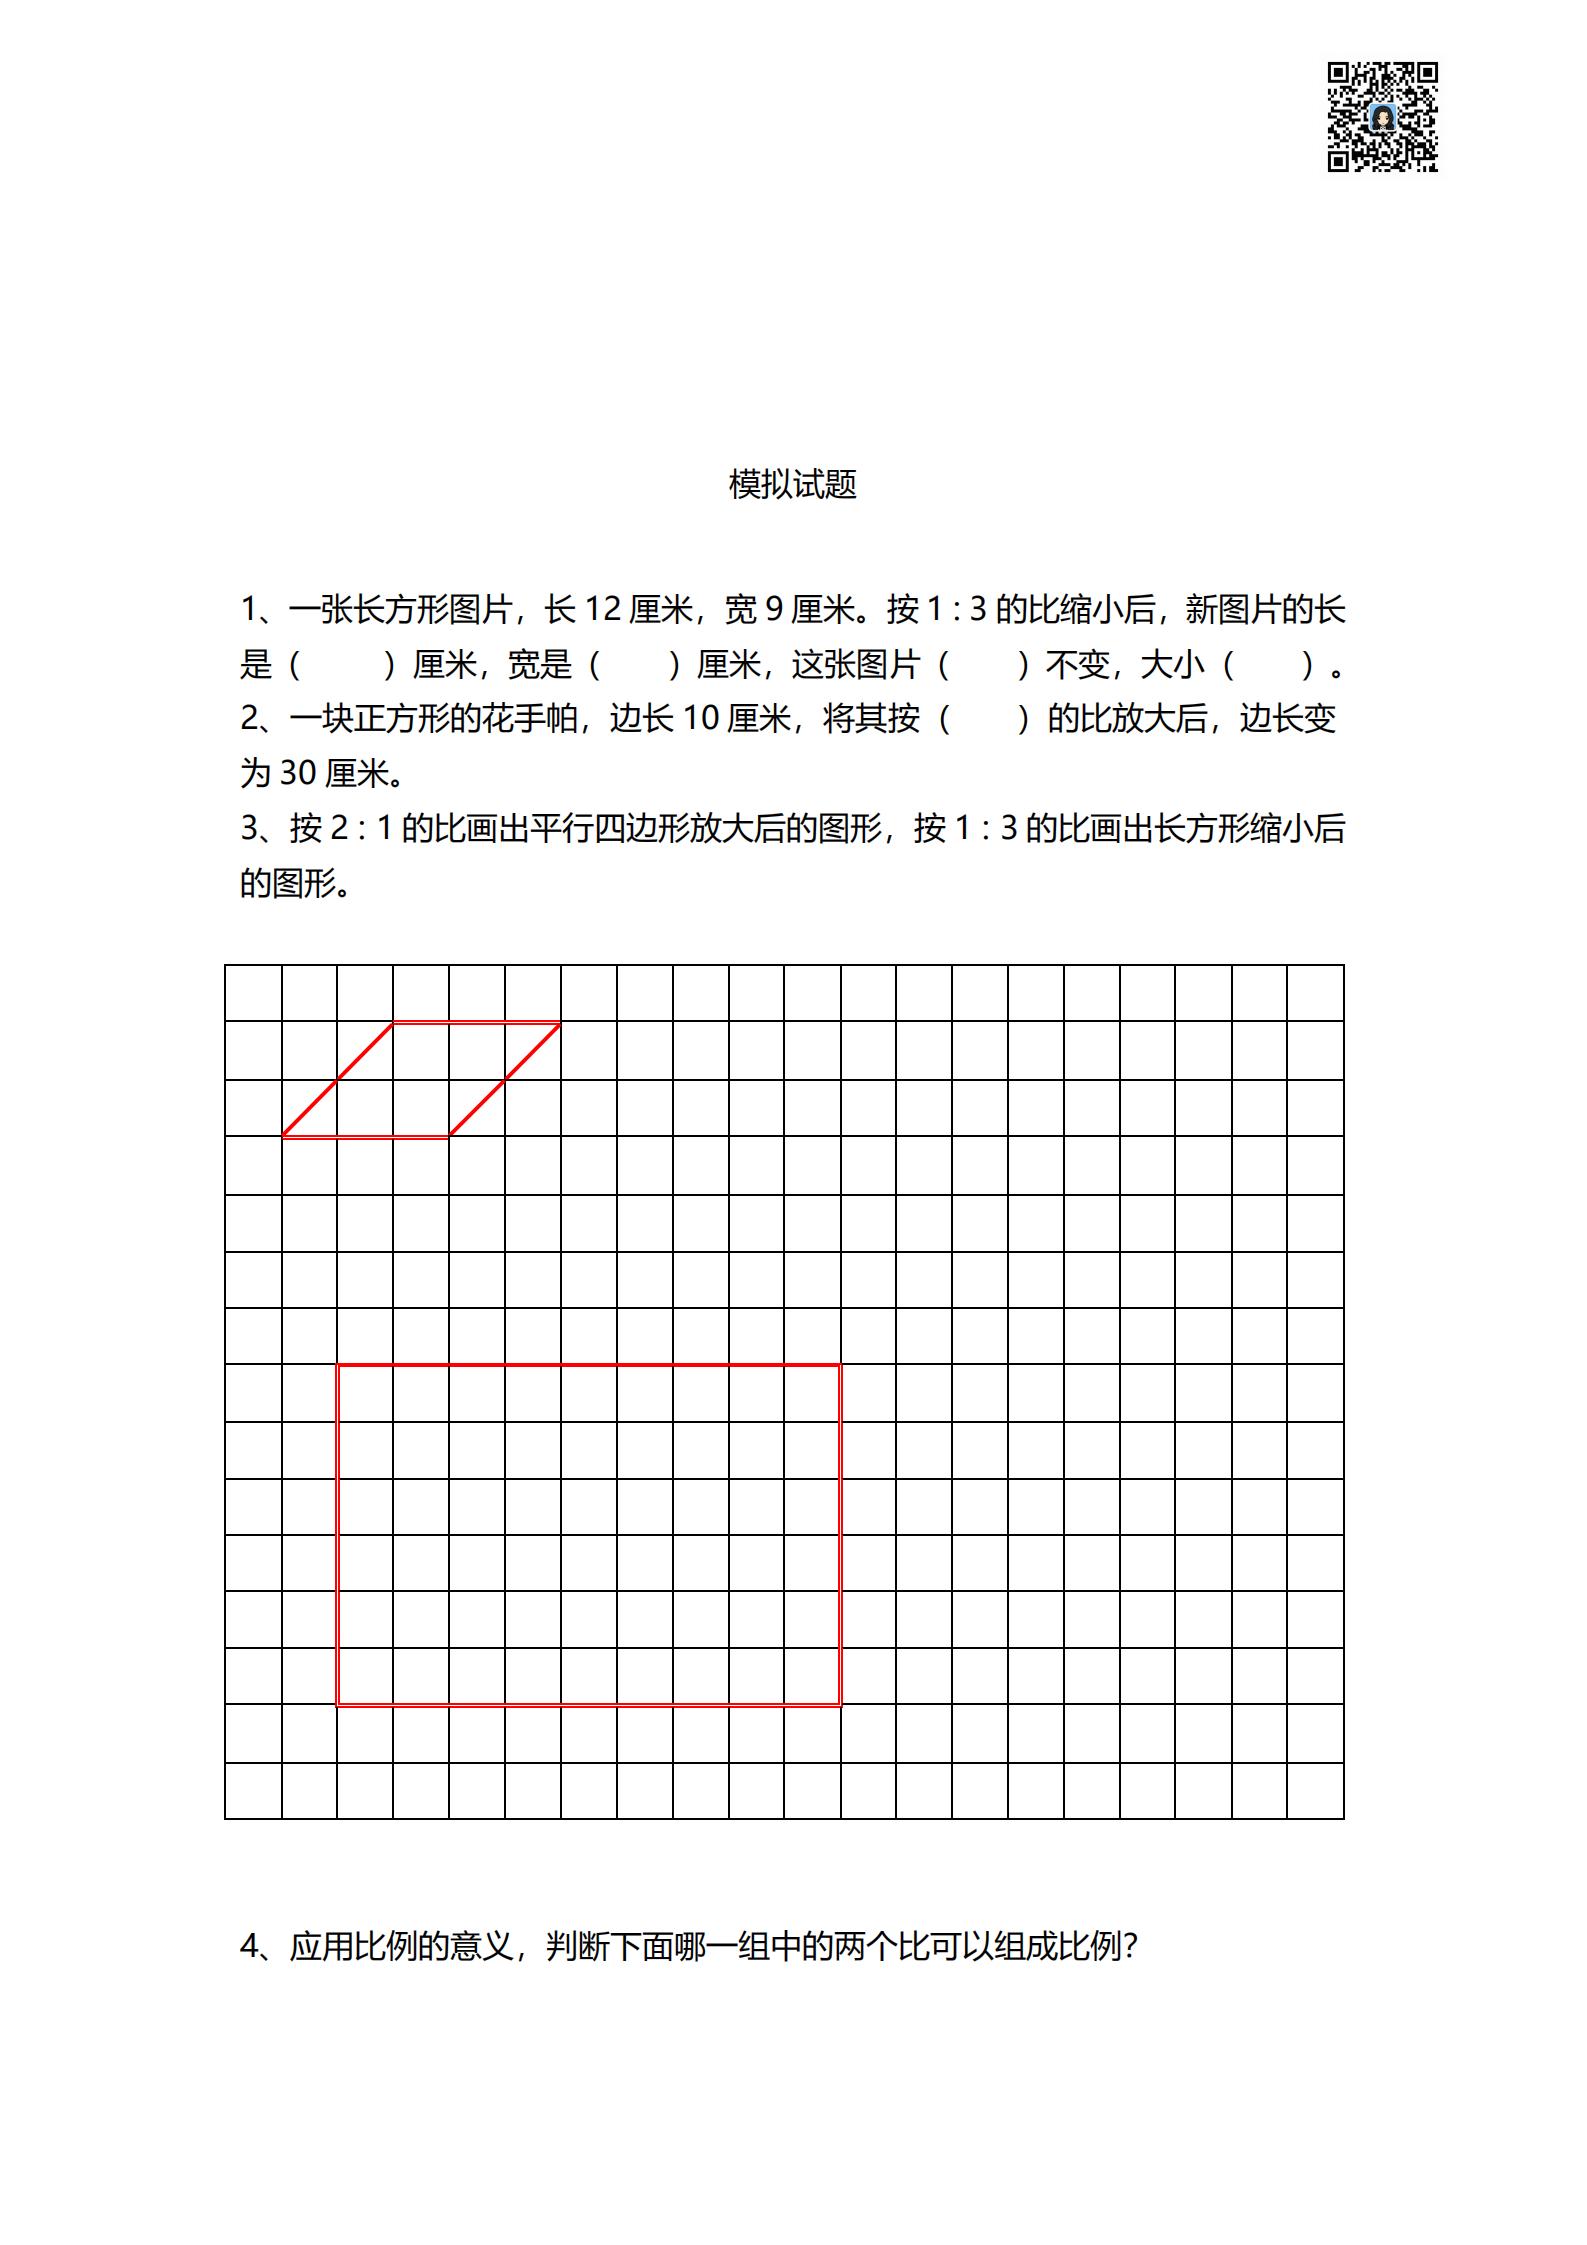 【数学】高频考点-四大专题知识点精选题_21.png